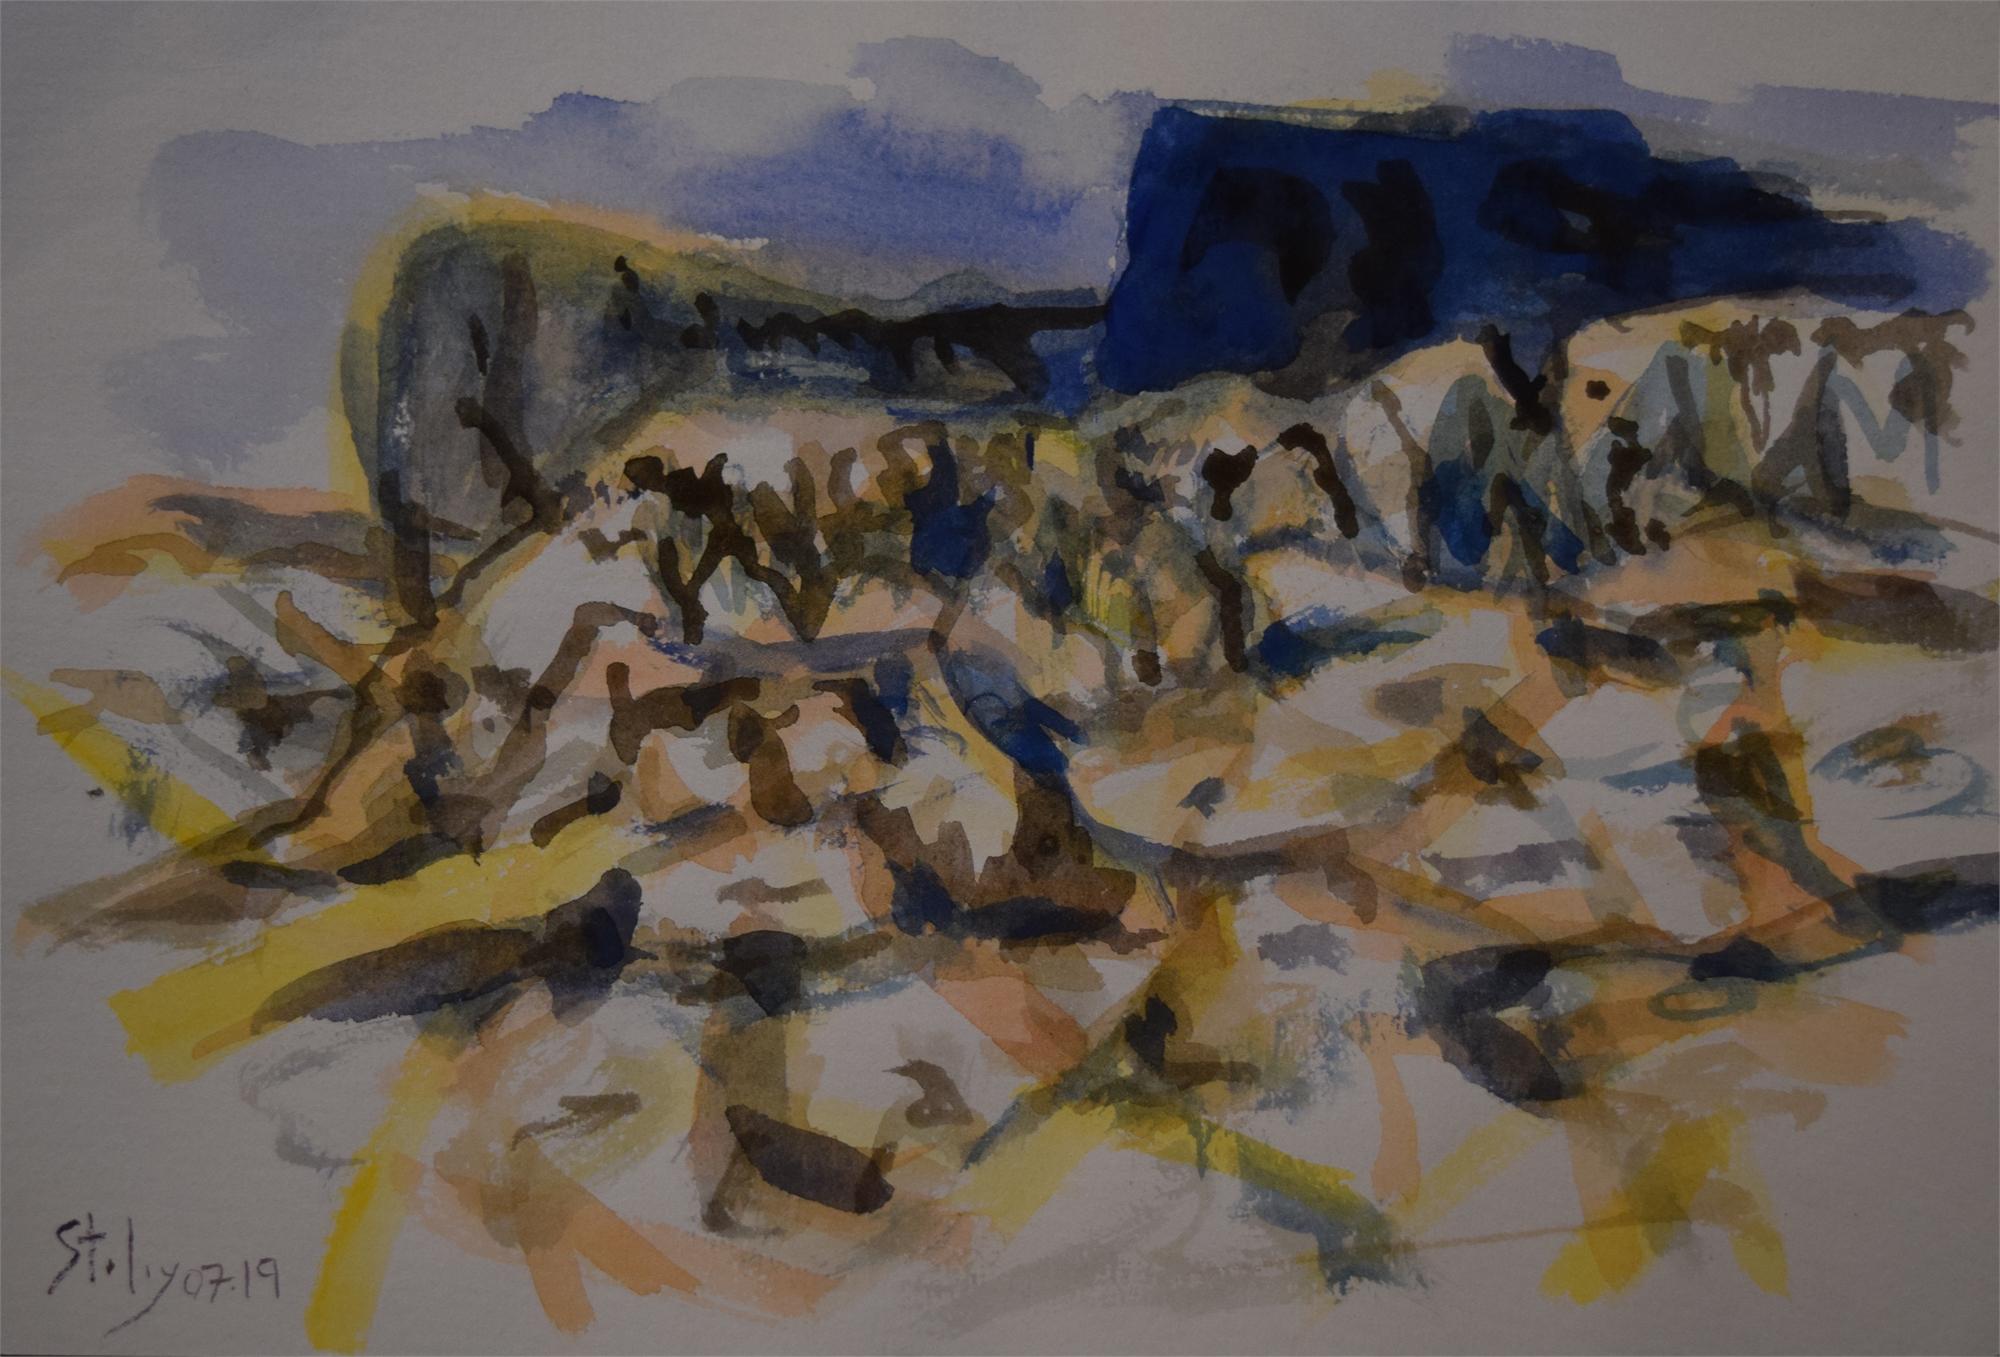 Western Landscape by Earl Staley